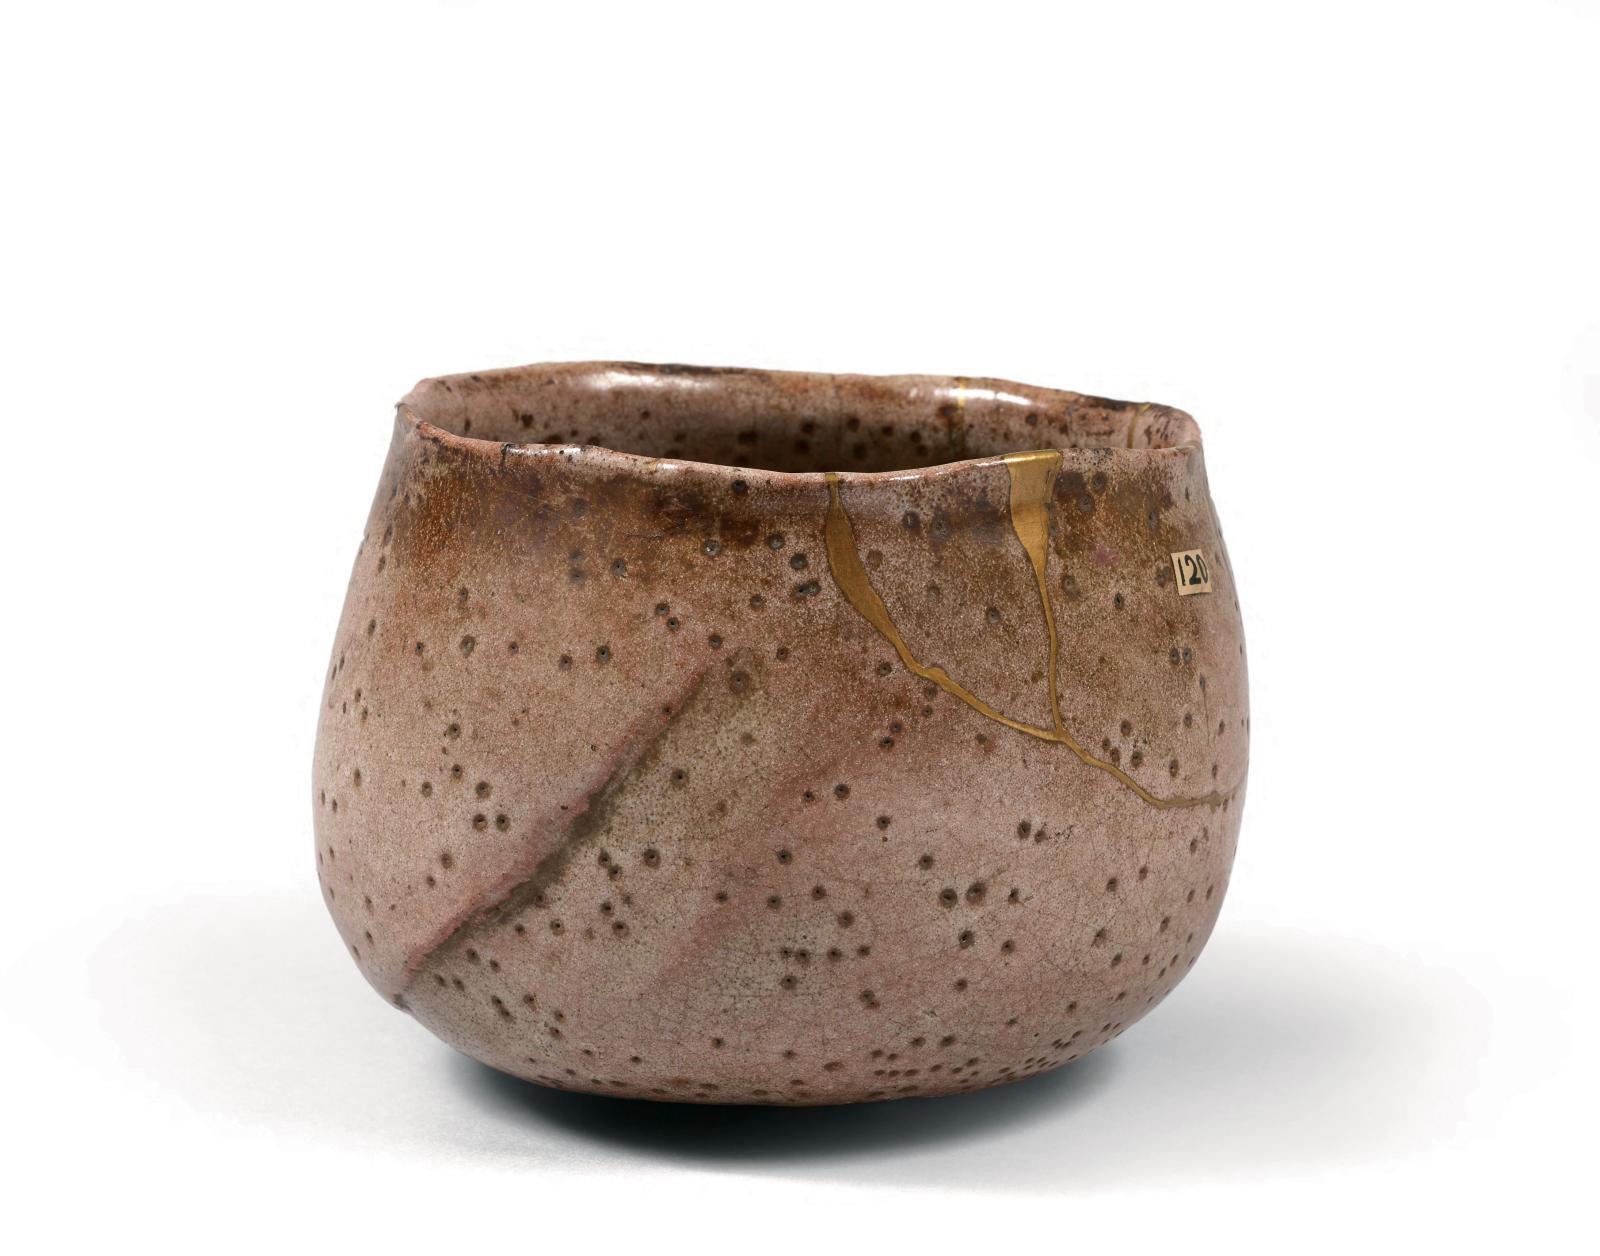 Époque Edo (1603-1868), XVIIesiècle, fours de Hagi. Chawan de forme «rinari» arrondie en grès émaillé beige rosé avec de nombreuses taches, le bord o